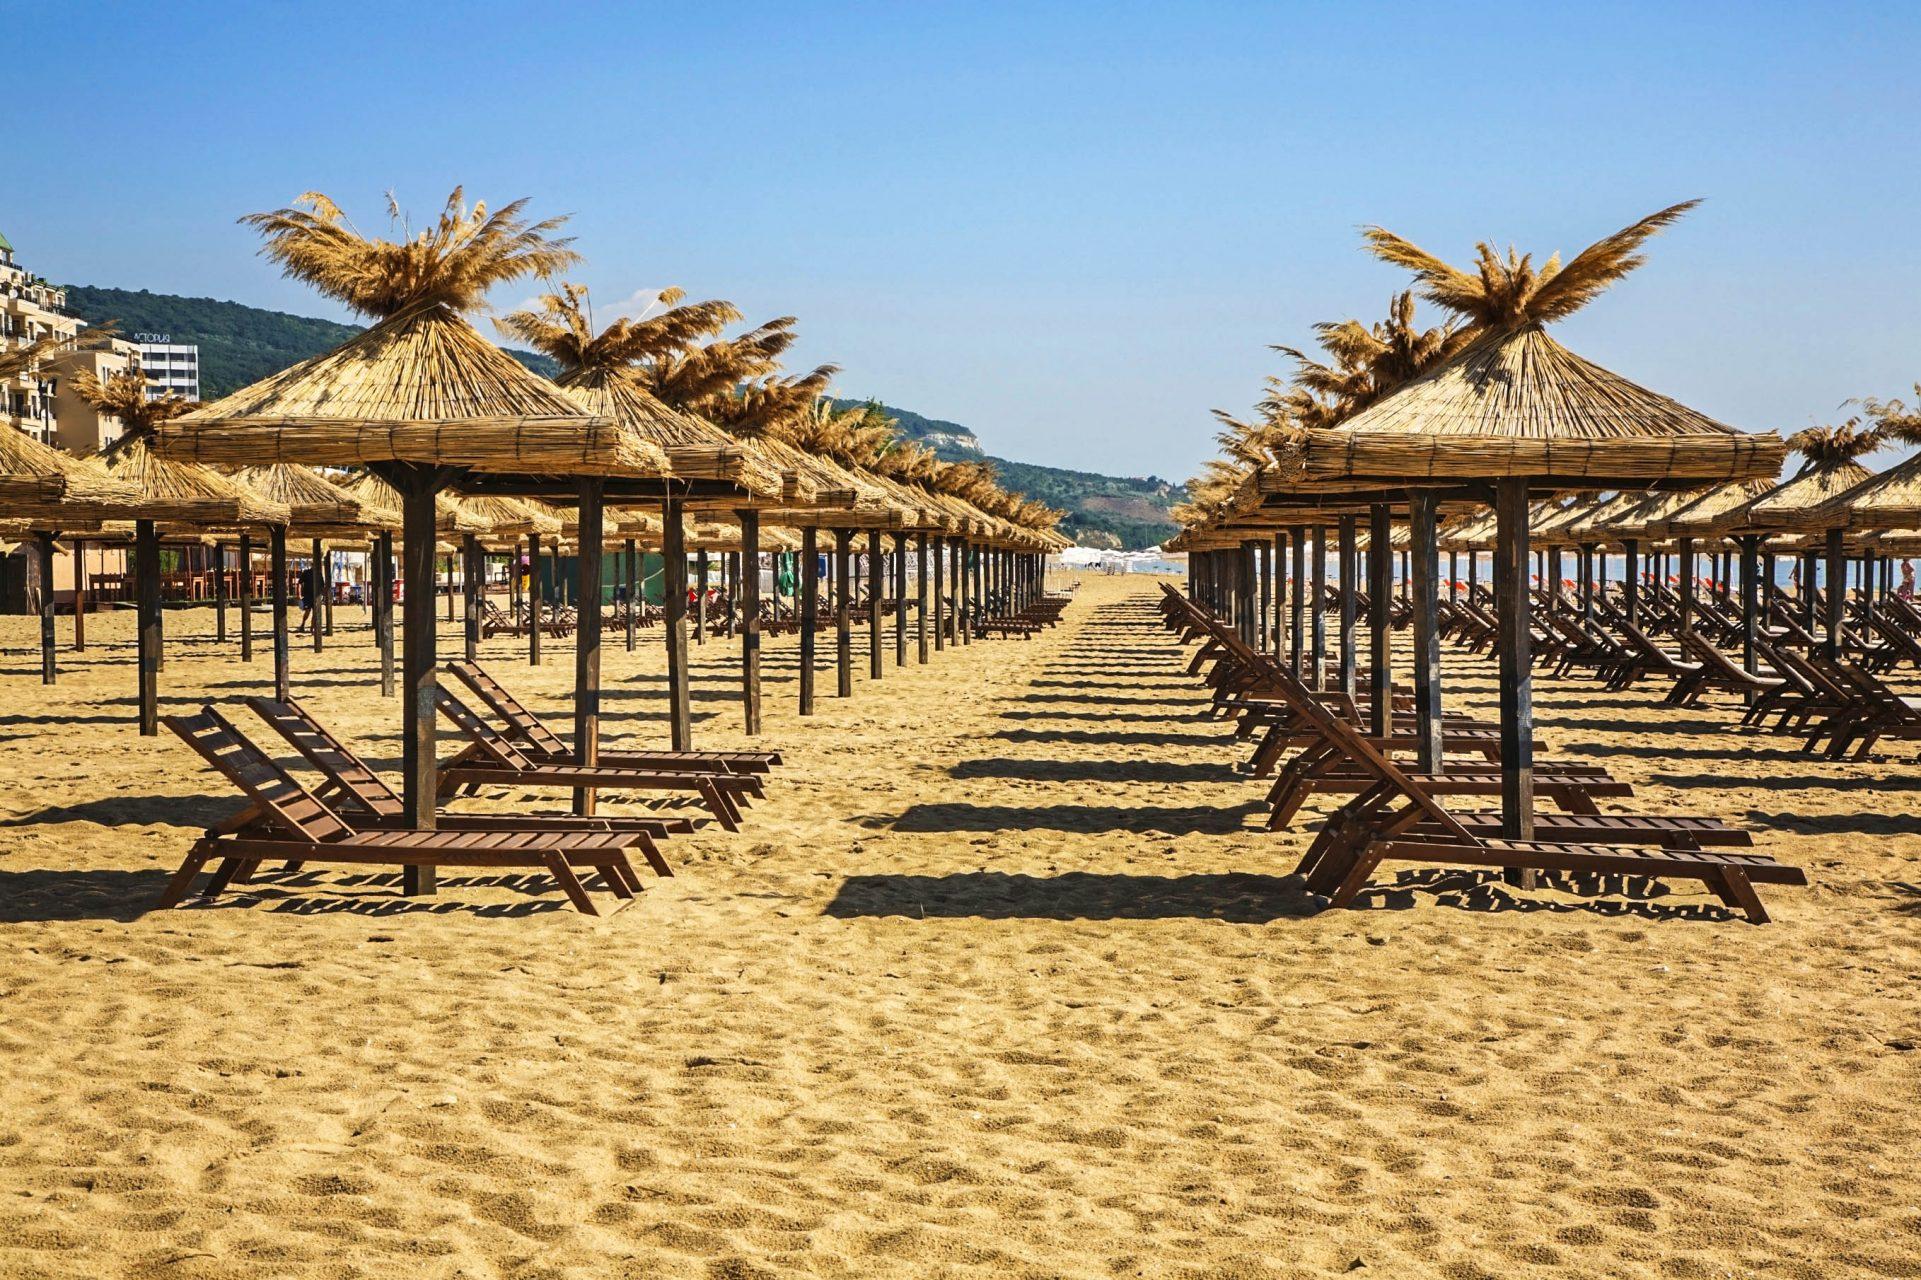 Der Goldstrand Bulgarien mit feinem Sand und Sonnenschirmen